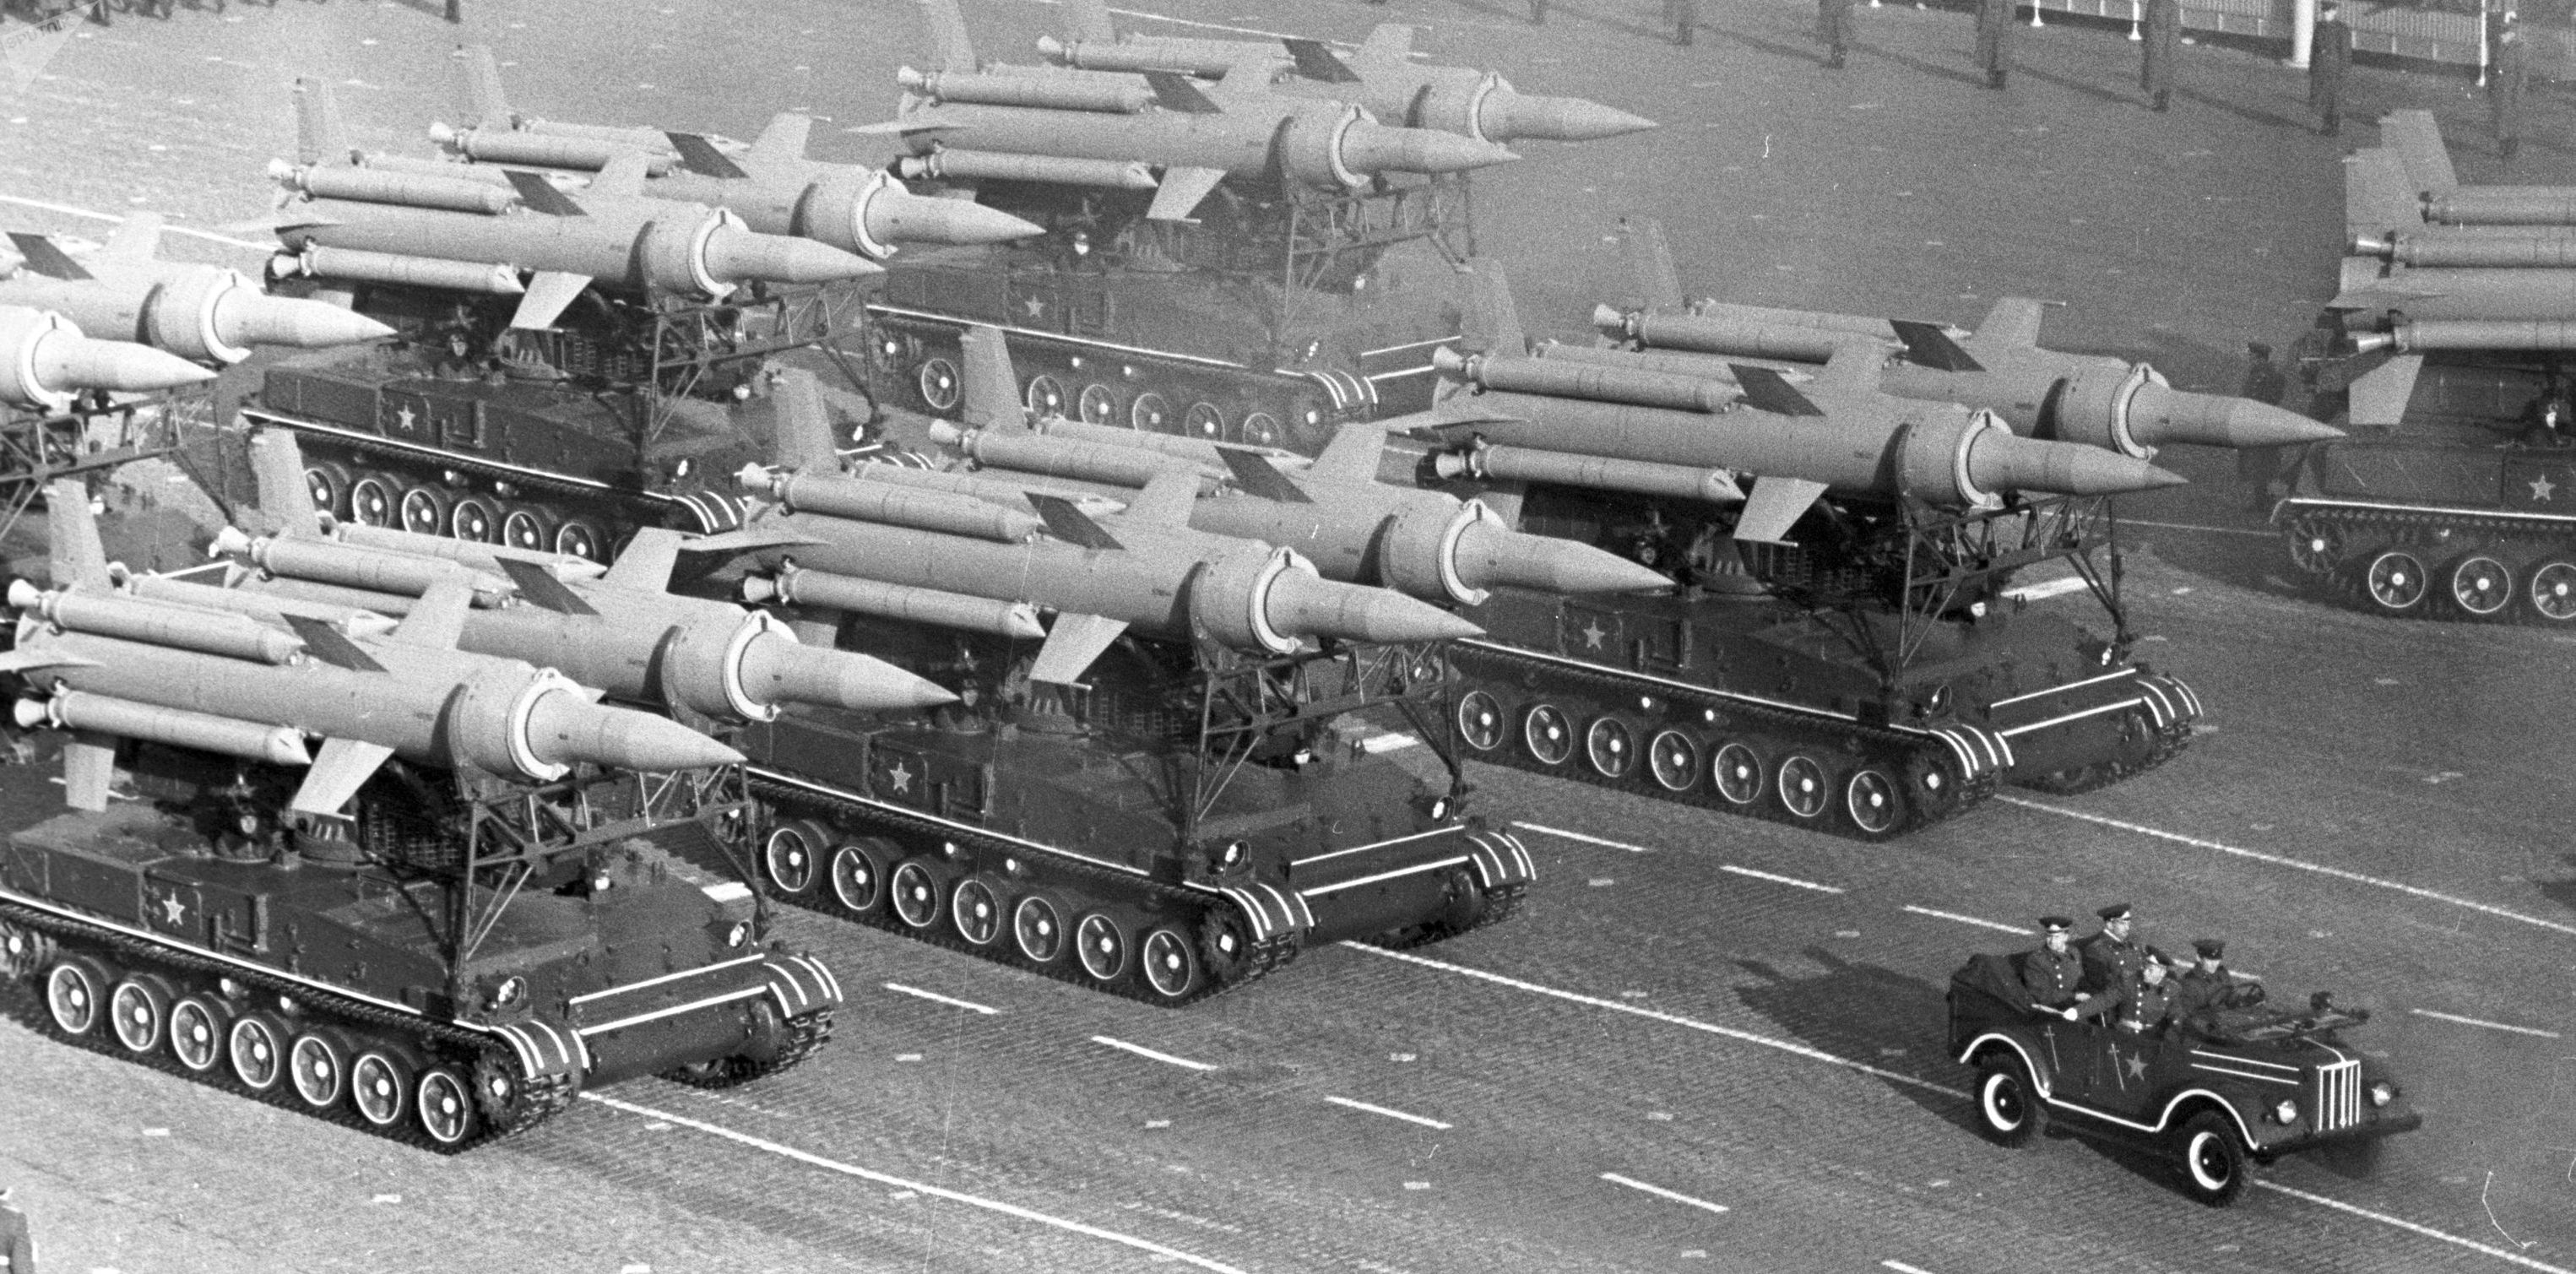 Desfile militar na Praça Vermelha em Moscou em 7 de novembro de 1966. Sistema de defesa antiaérea S-25